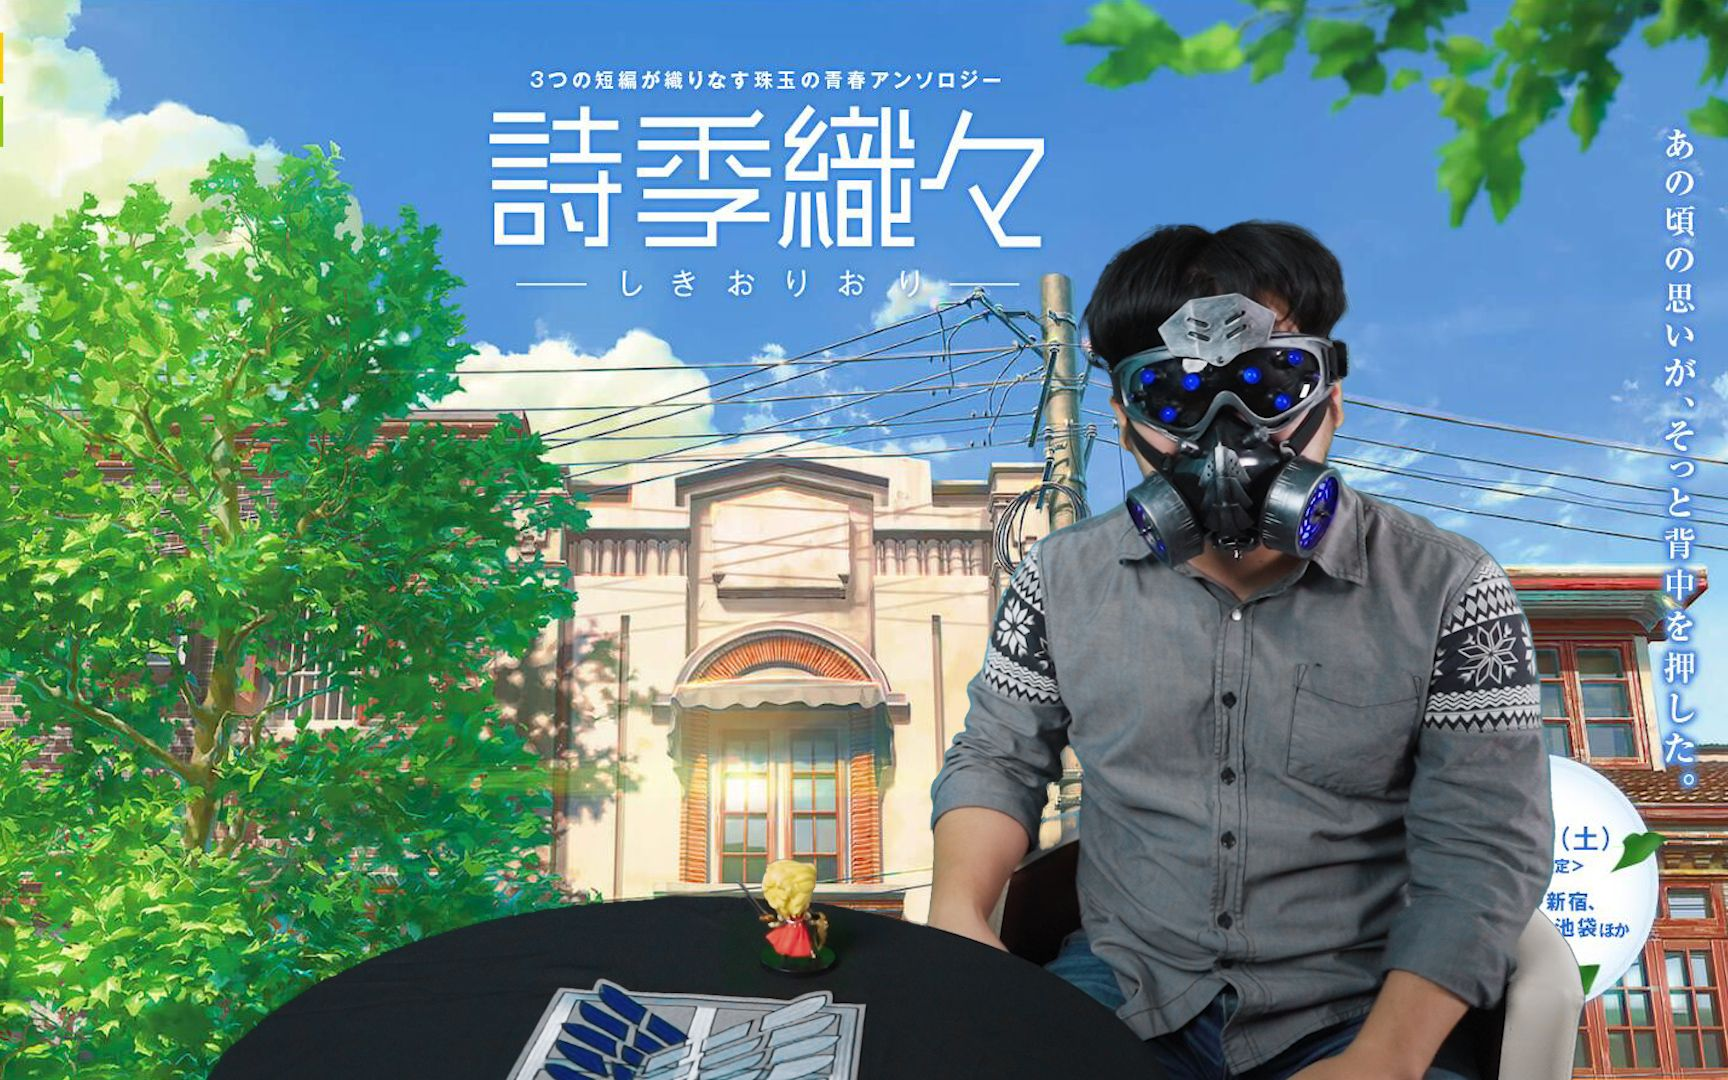 【麋桑先行测】2018暑期档动画电影《肆式青春》,三个短篇故事带给你图片